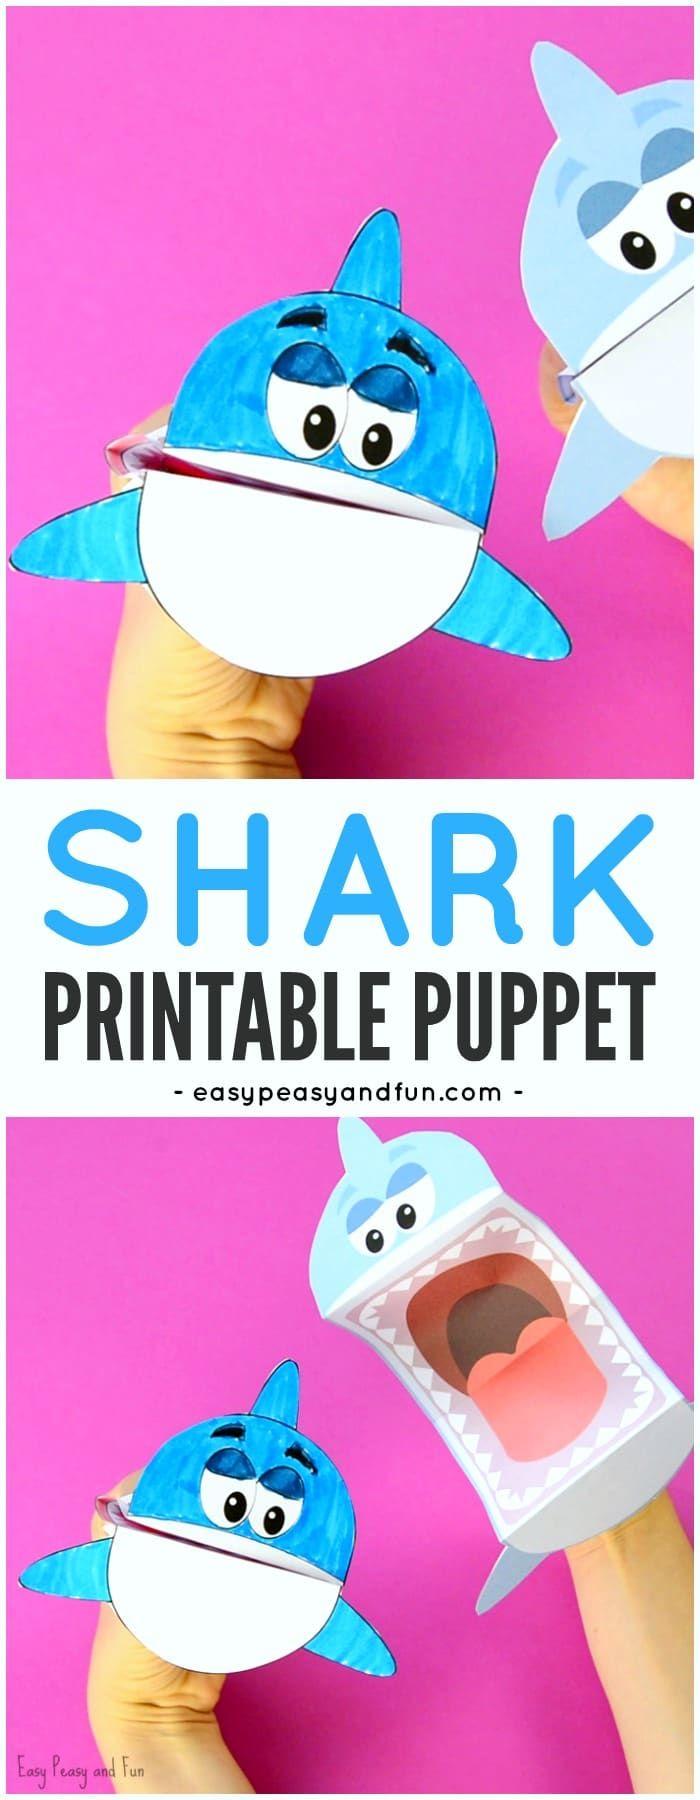 Artesanía de papel de marionetas para tiburones imprimibles adorables para que los niños hagan